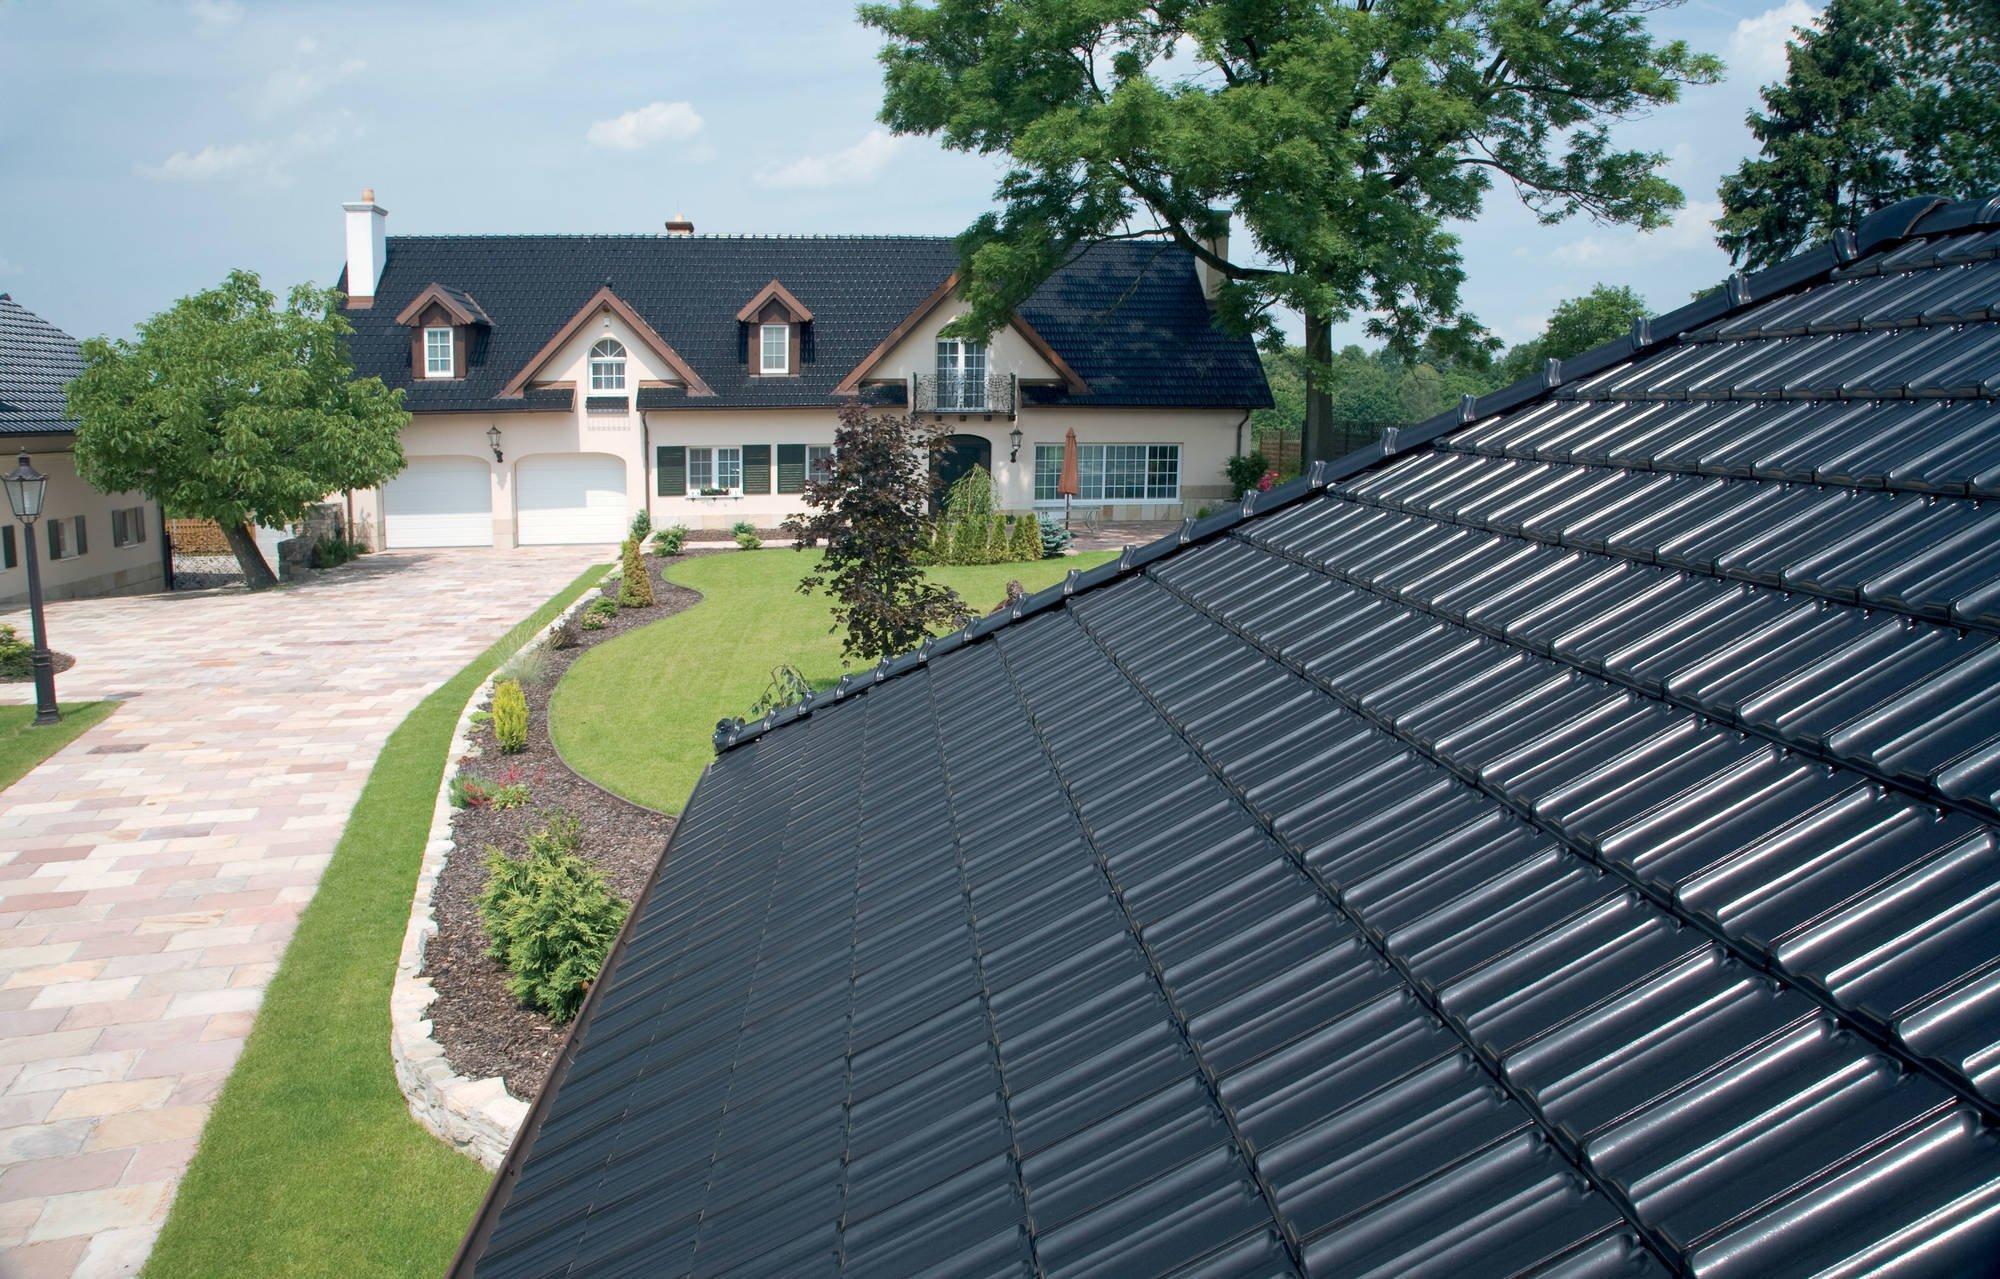 Keramická střešní krytina je už takovou klasikou mezi skládanými střešními krytinami pro šikmé střechy. Díky vývoji nových technologií zdokonaluje své praktické vlastnosti, aniž by přitom přišla o svou původní krásu. Keramická střešní krytina má však ještě celou řadu dalších výhod, které z ní činí tu správnou volbu pro vaši střechu.